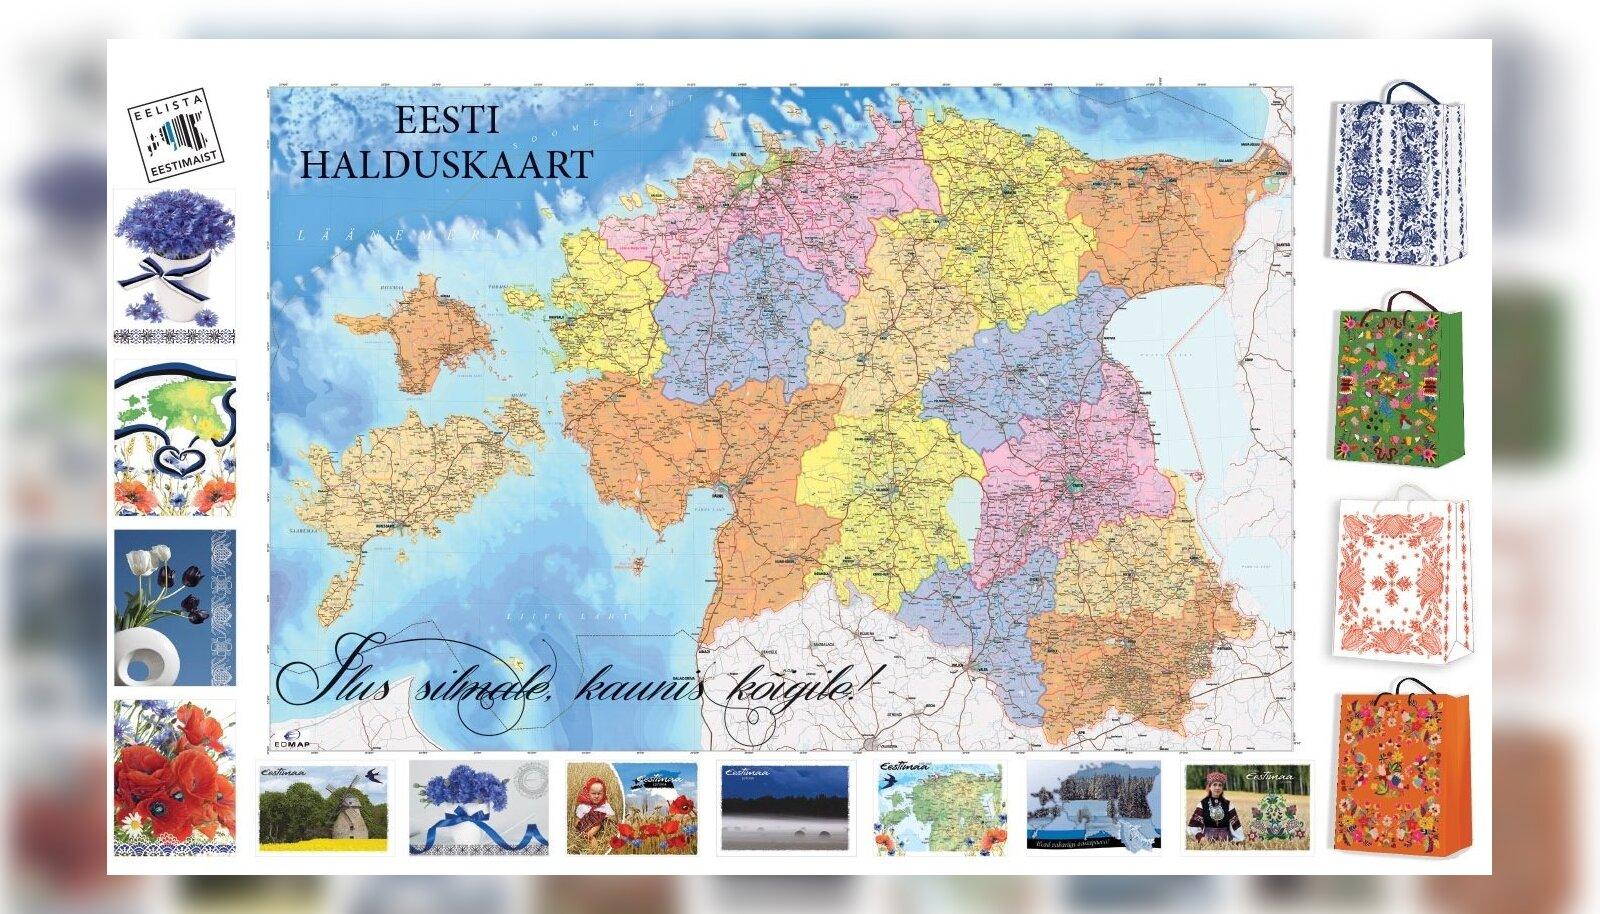 b4024b0072d Ka postkaartide valikul eelistatakse eestimaist